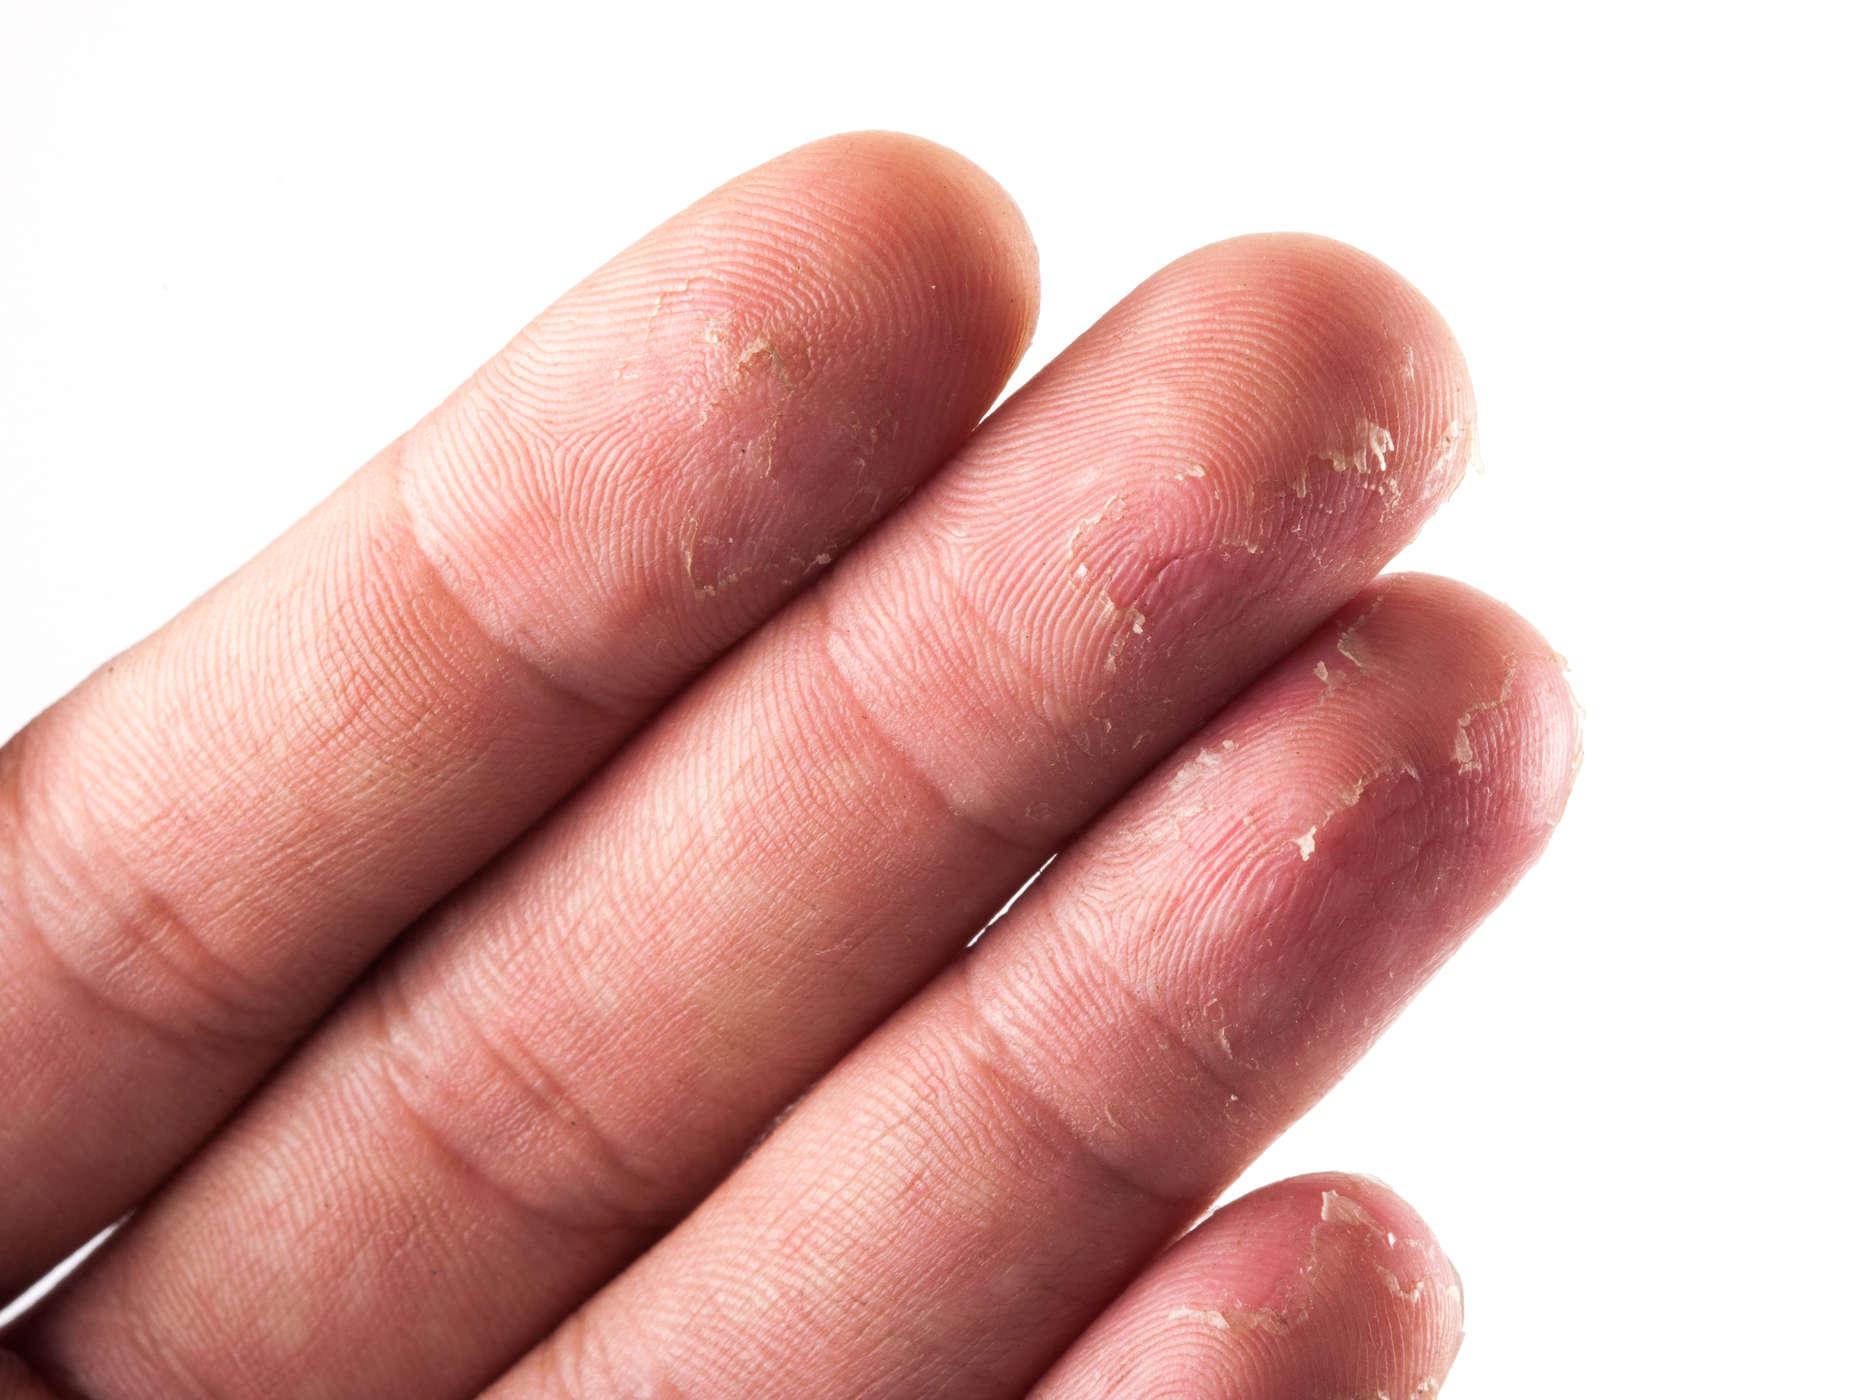 da tay dễ bị khô, nứt nẻ, mất độ ẩm